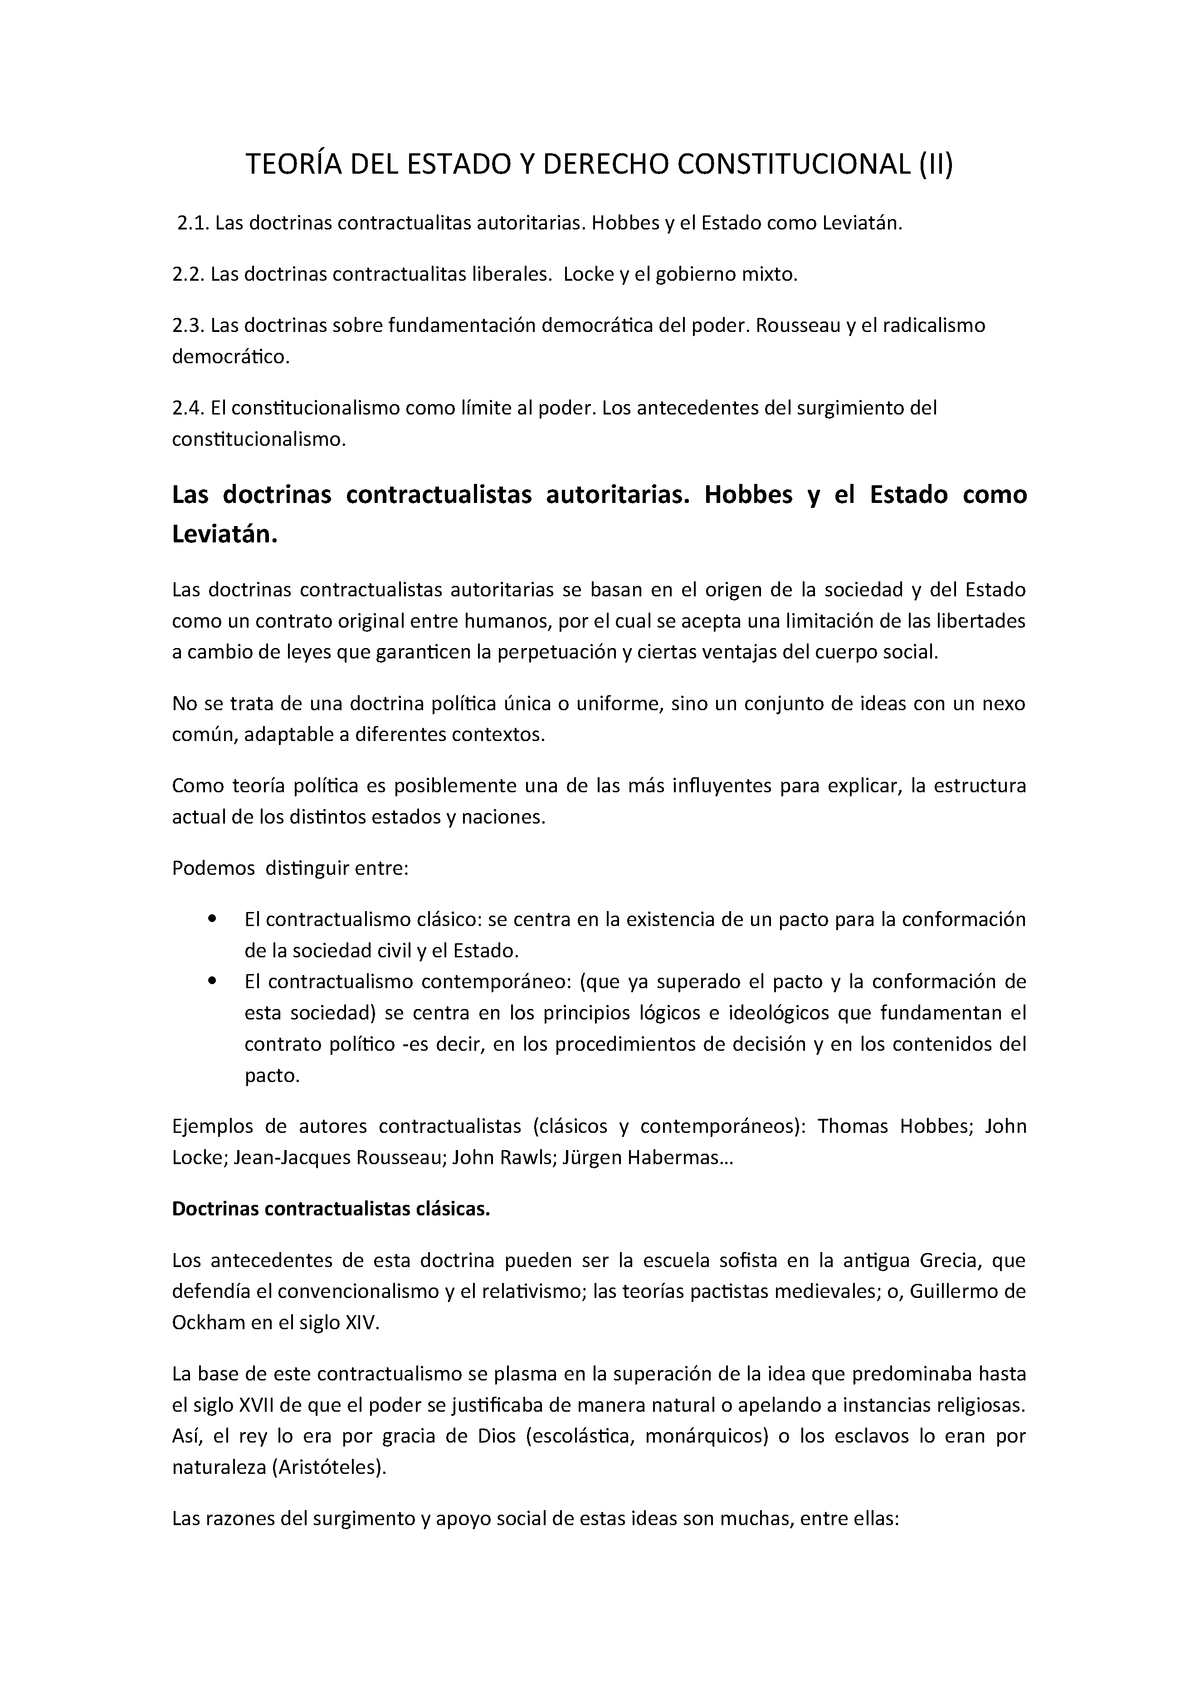 Teoría Del Estado Y Derecho Constituciona 1 Uv Studocu